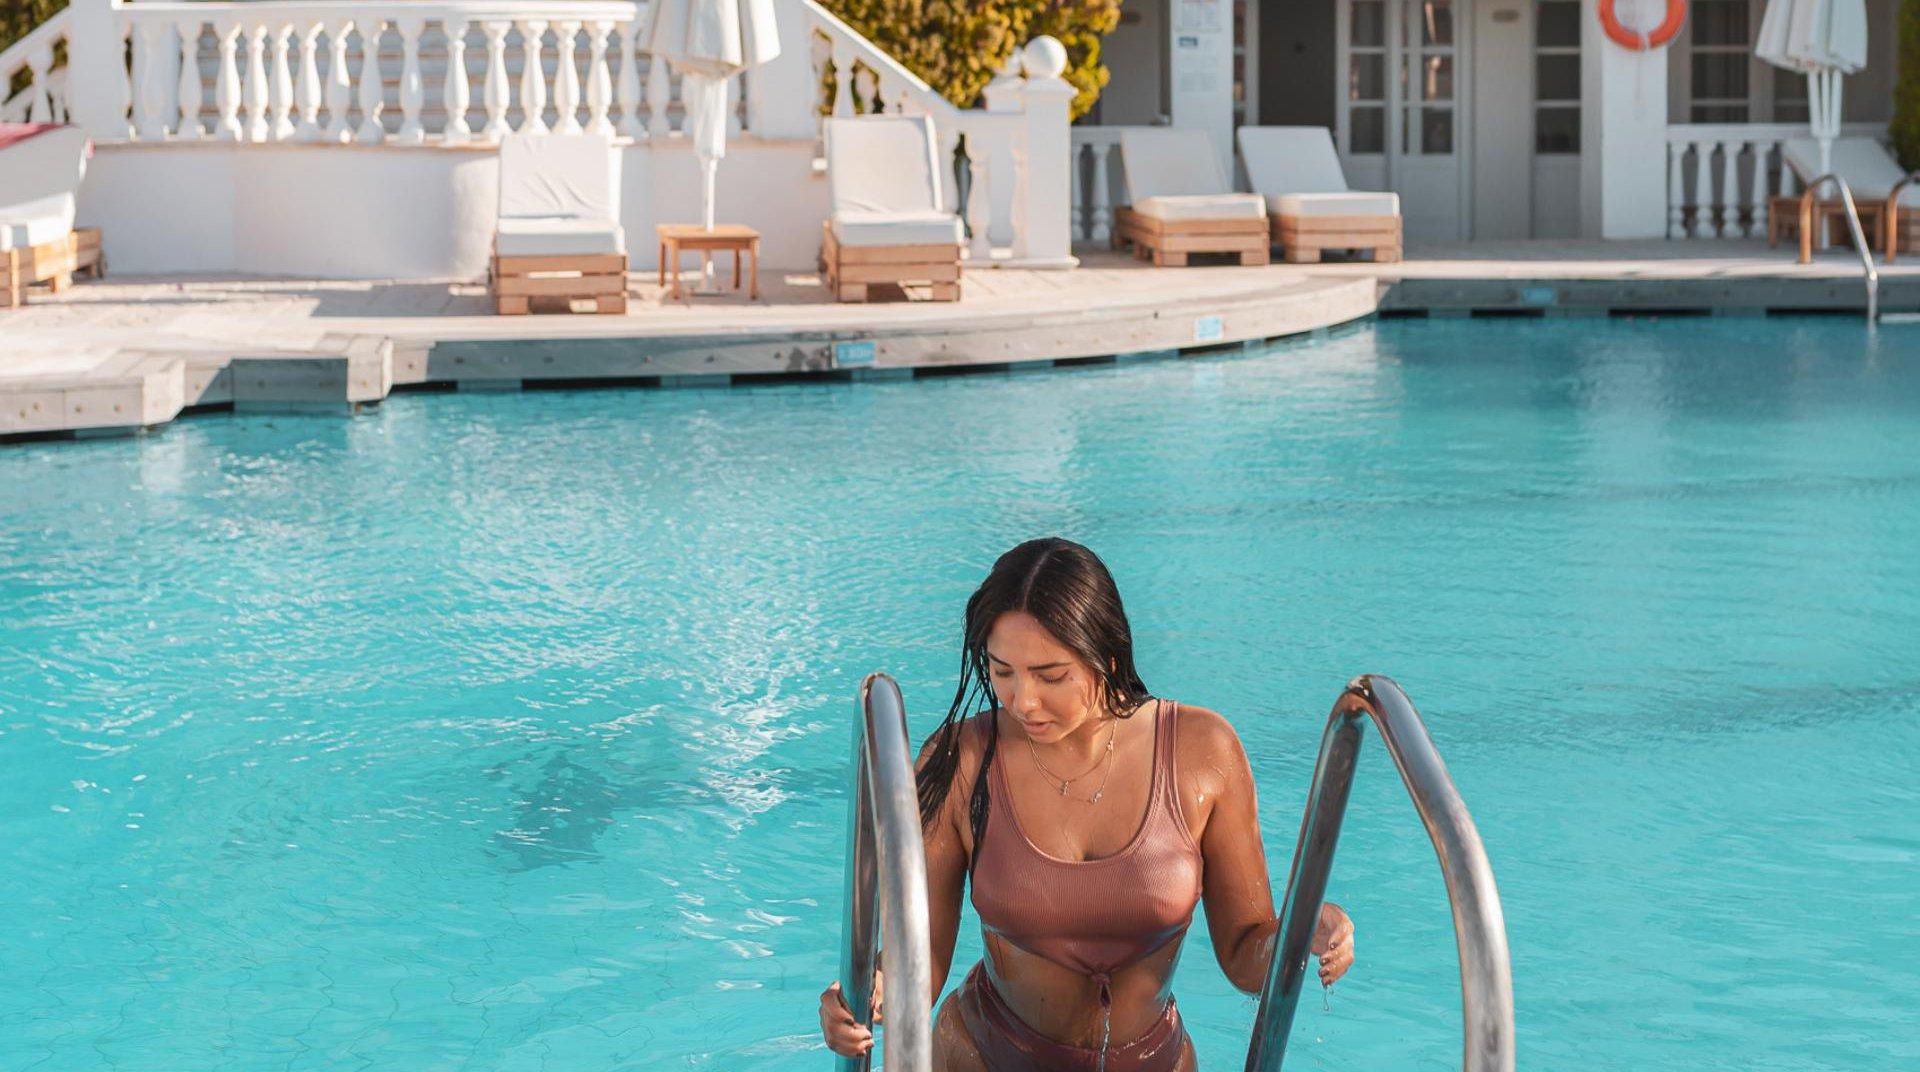 Γυναίκα βγαίνει από την πισίνα με το ξενοδοχείο μας στο φόντο